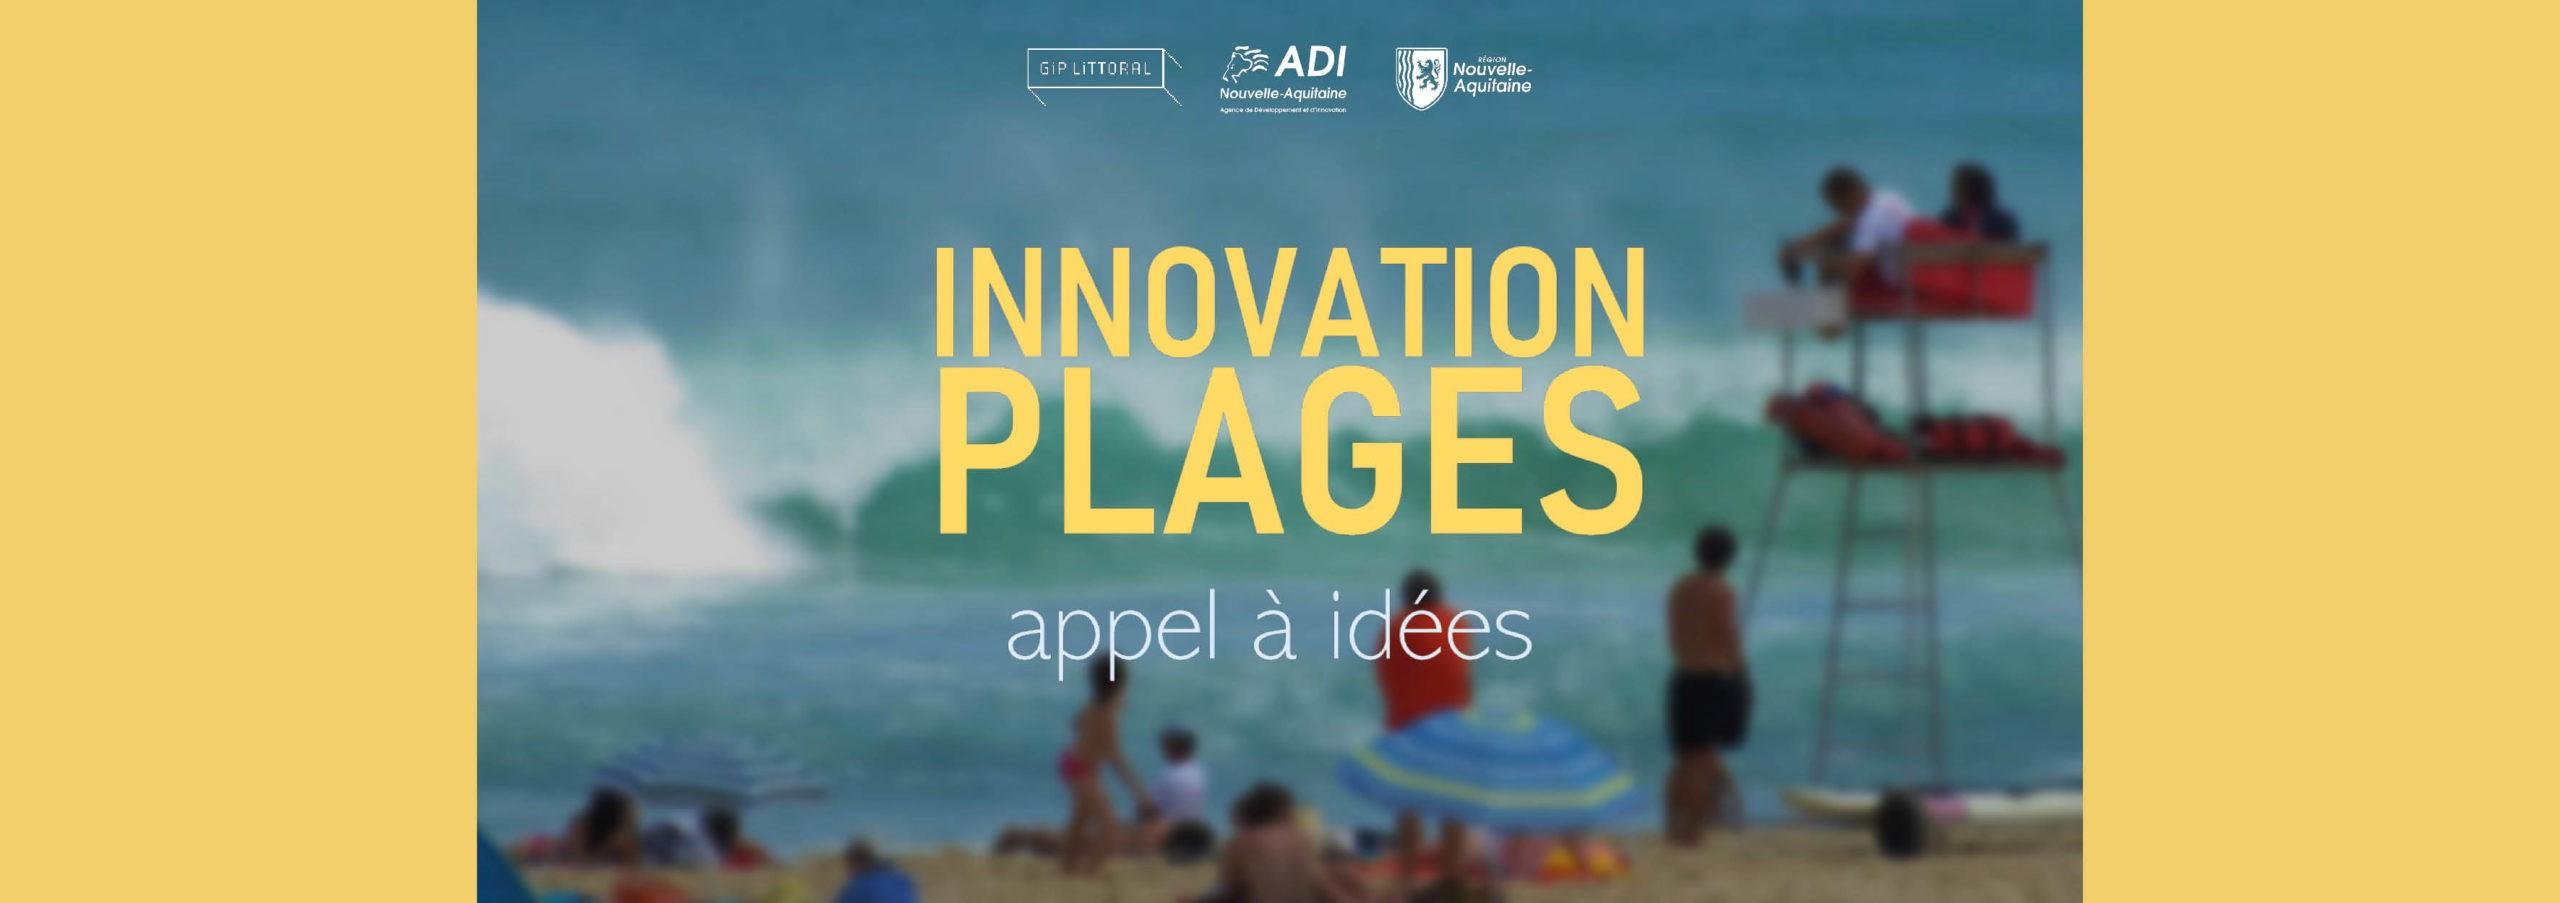 Appel à Idées INNOVATION PLAGES - Agence de Développement et d'Innovation de la Nouvelle-Aquitaine